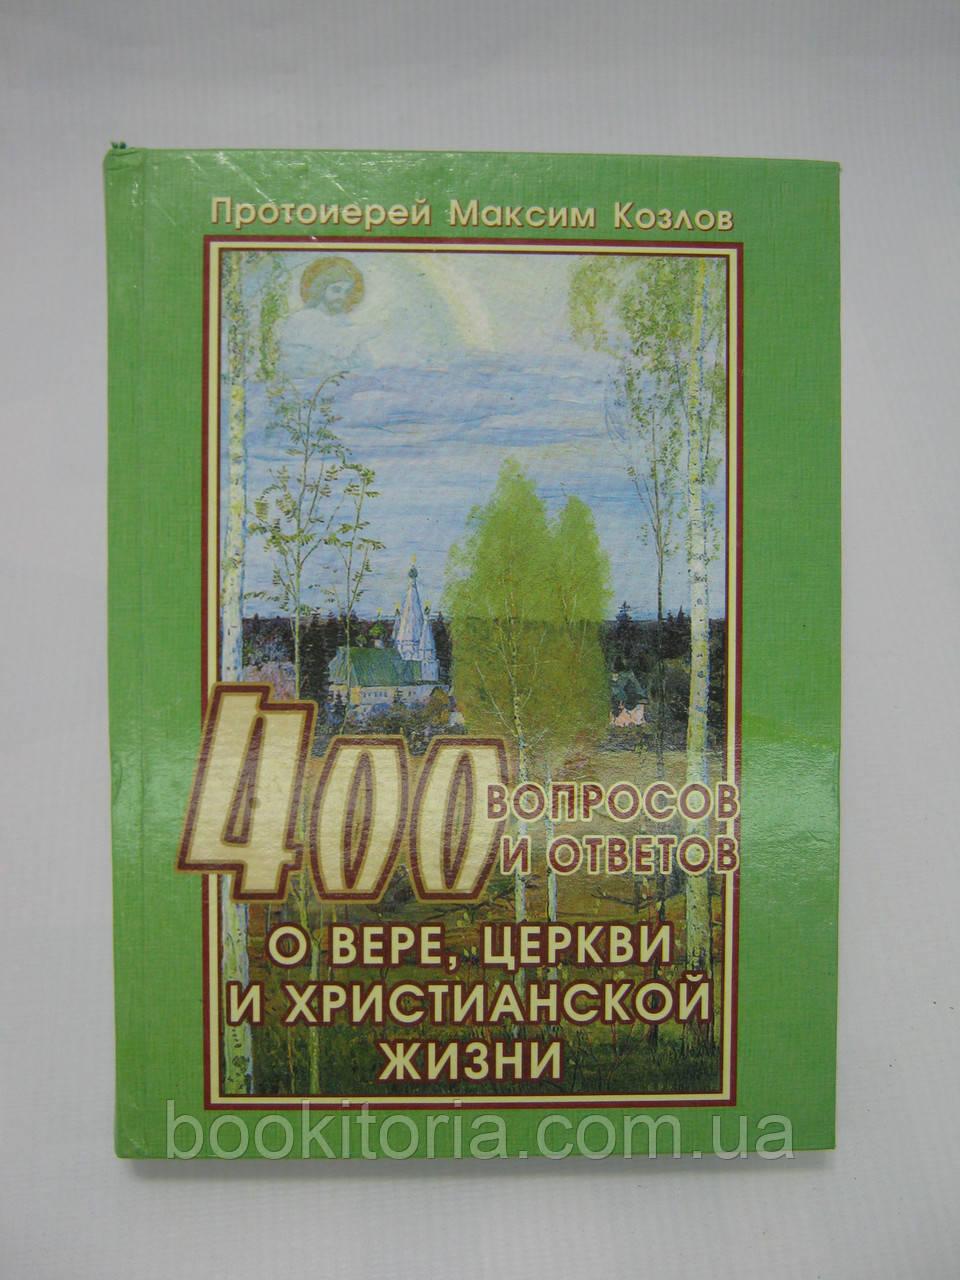 Протоиерей Максим Козлов. 400 вопросов и ответов о вере, церкви и христианской жизни (б/у).